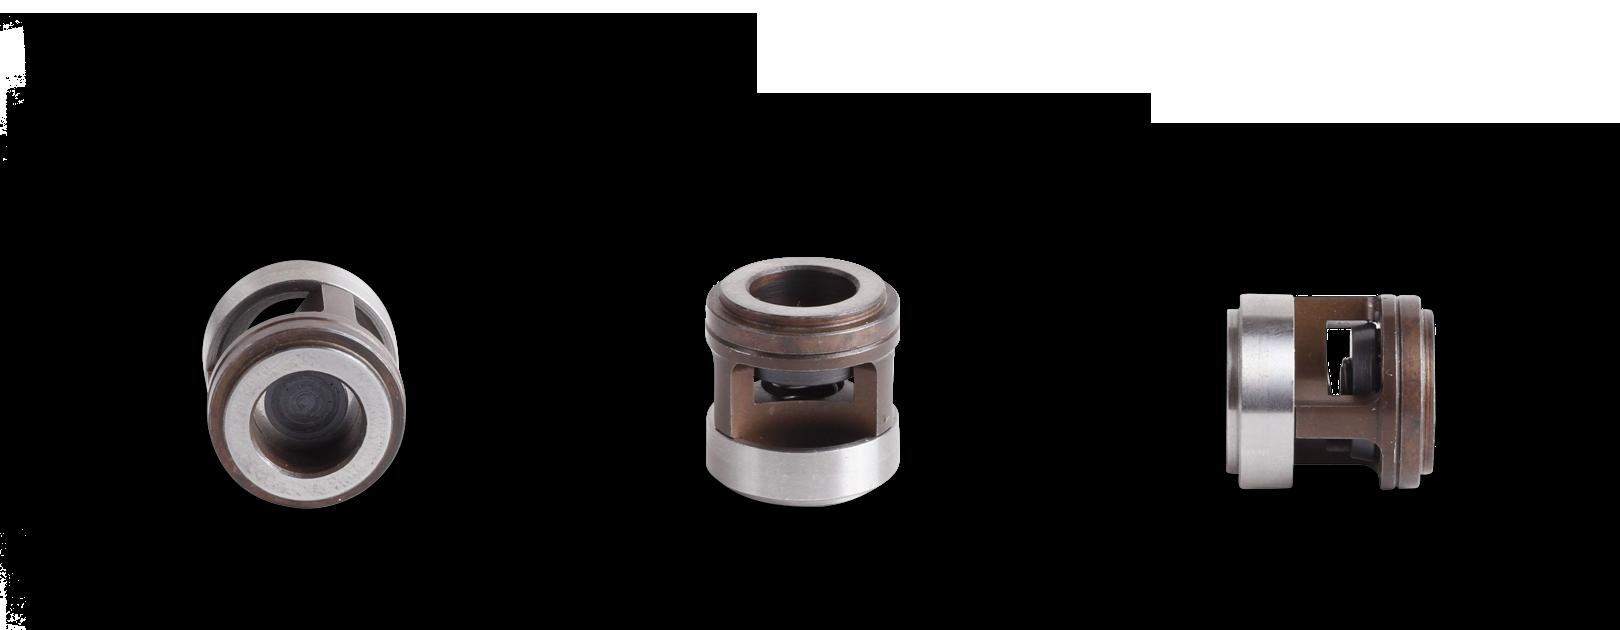 Einsteck-Hydraulikventil Rückschlagventil zur Sperrung einer Leitung Plattenventil